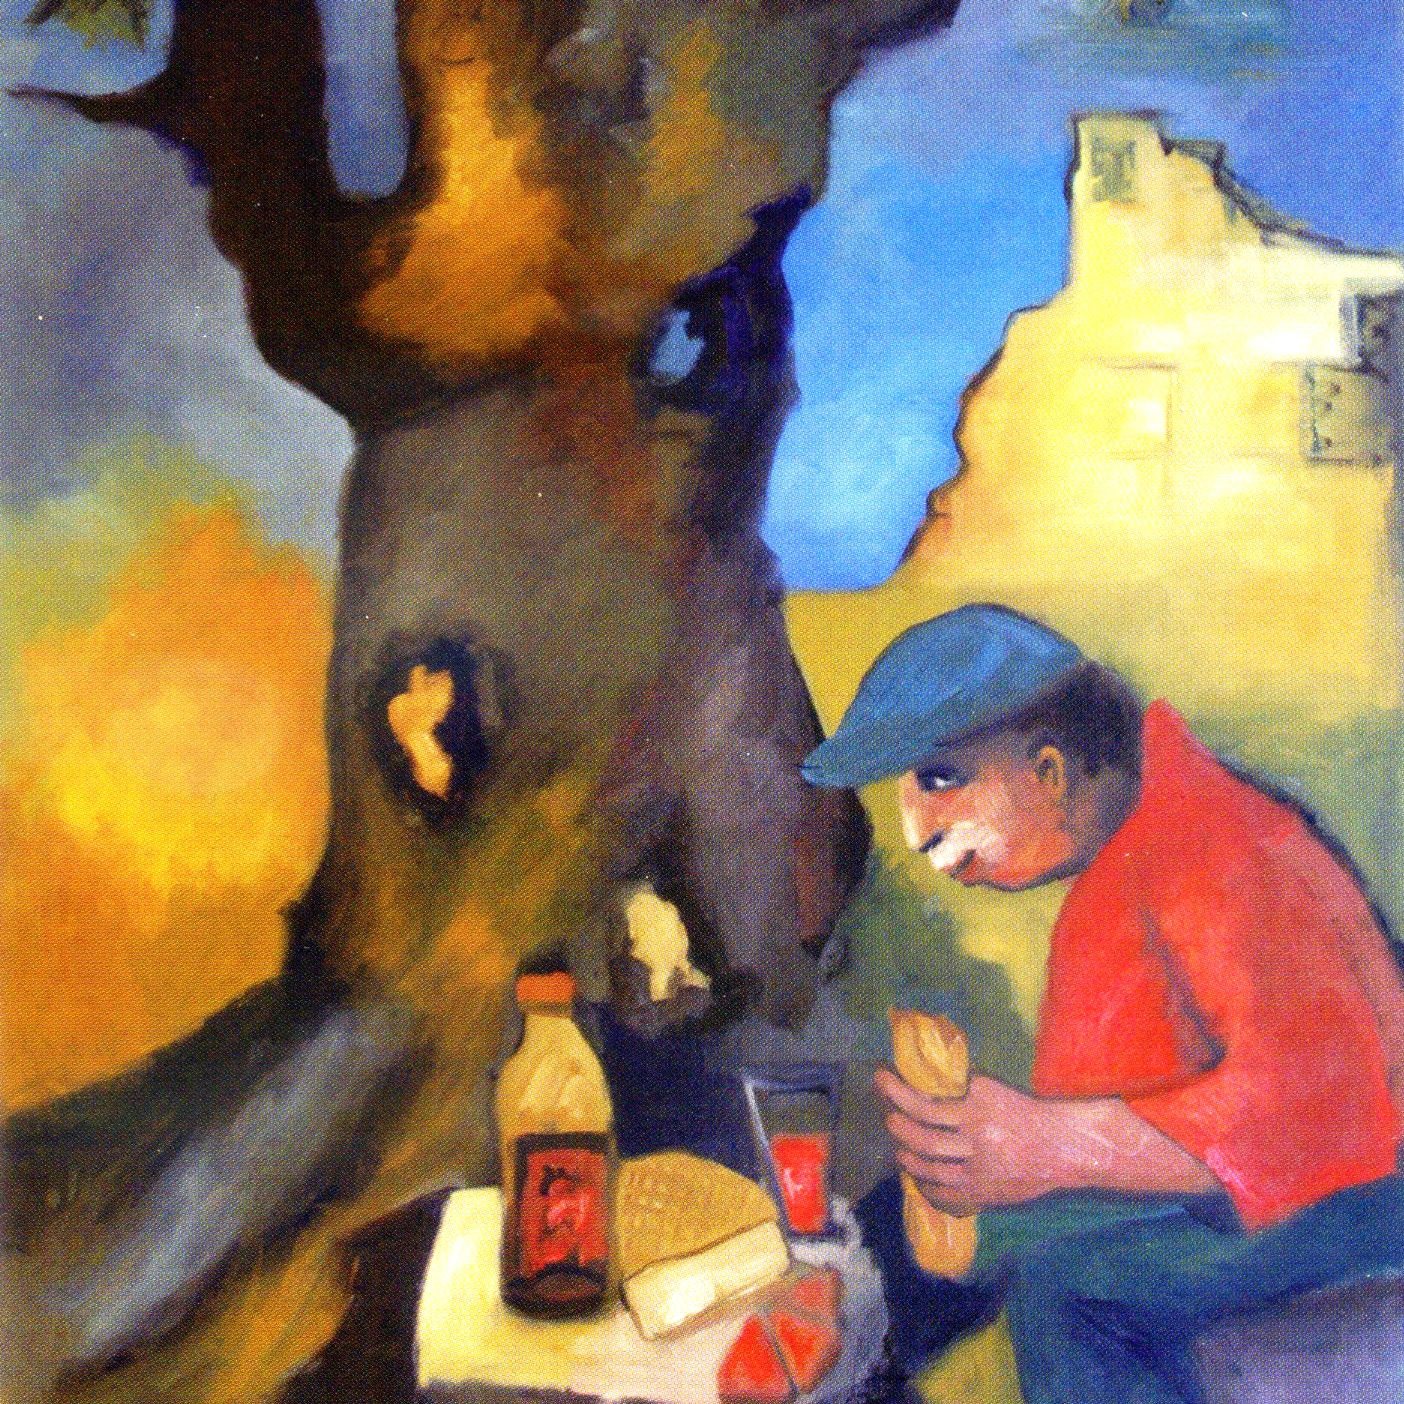 Le grand chêne - Huile sur toile - 116 x 89 cm. Peinture de Pierre Assémat